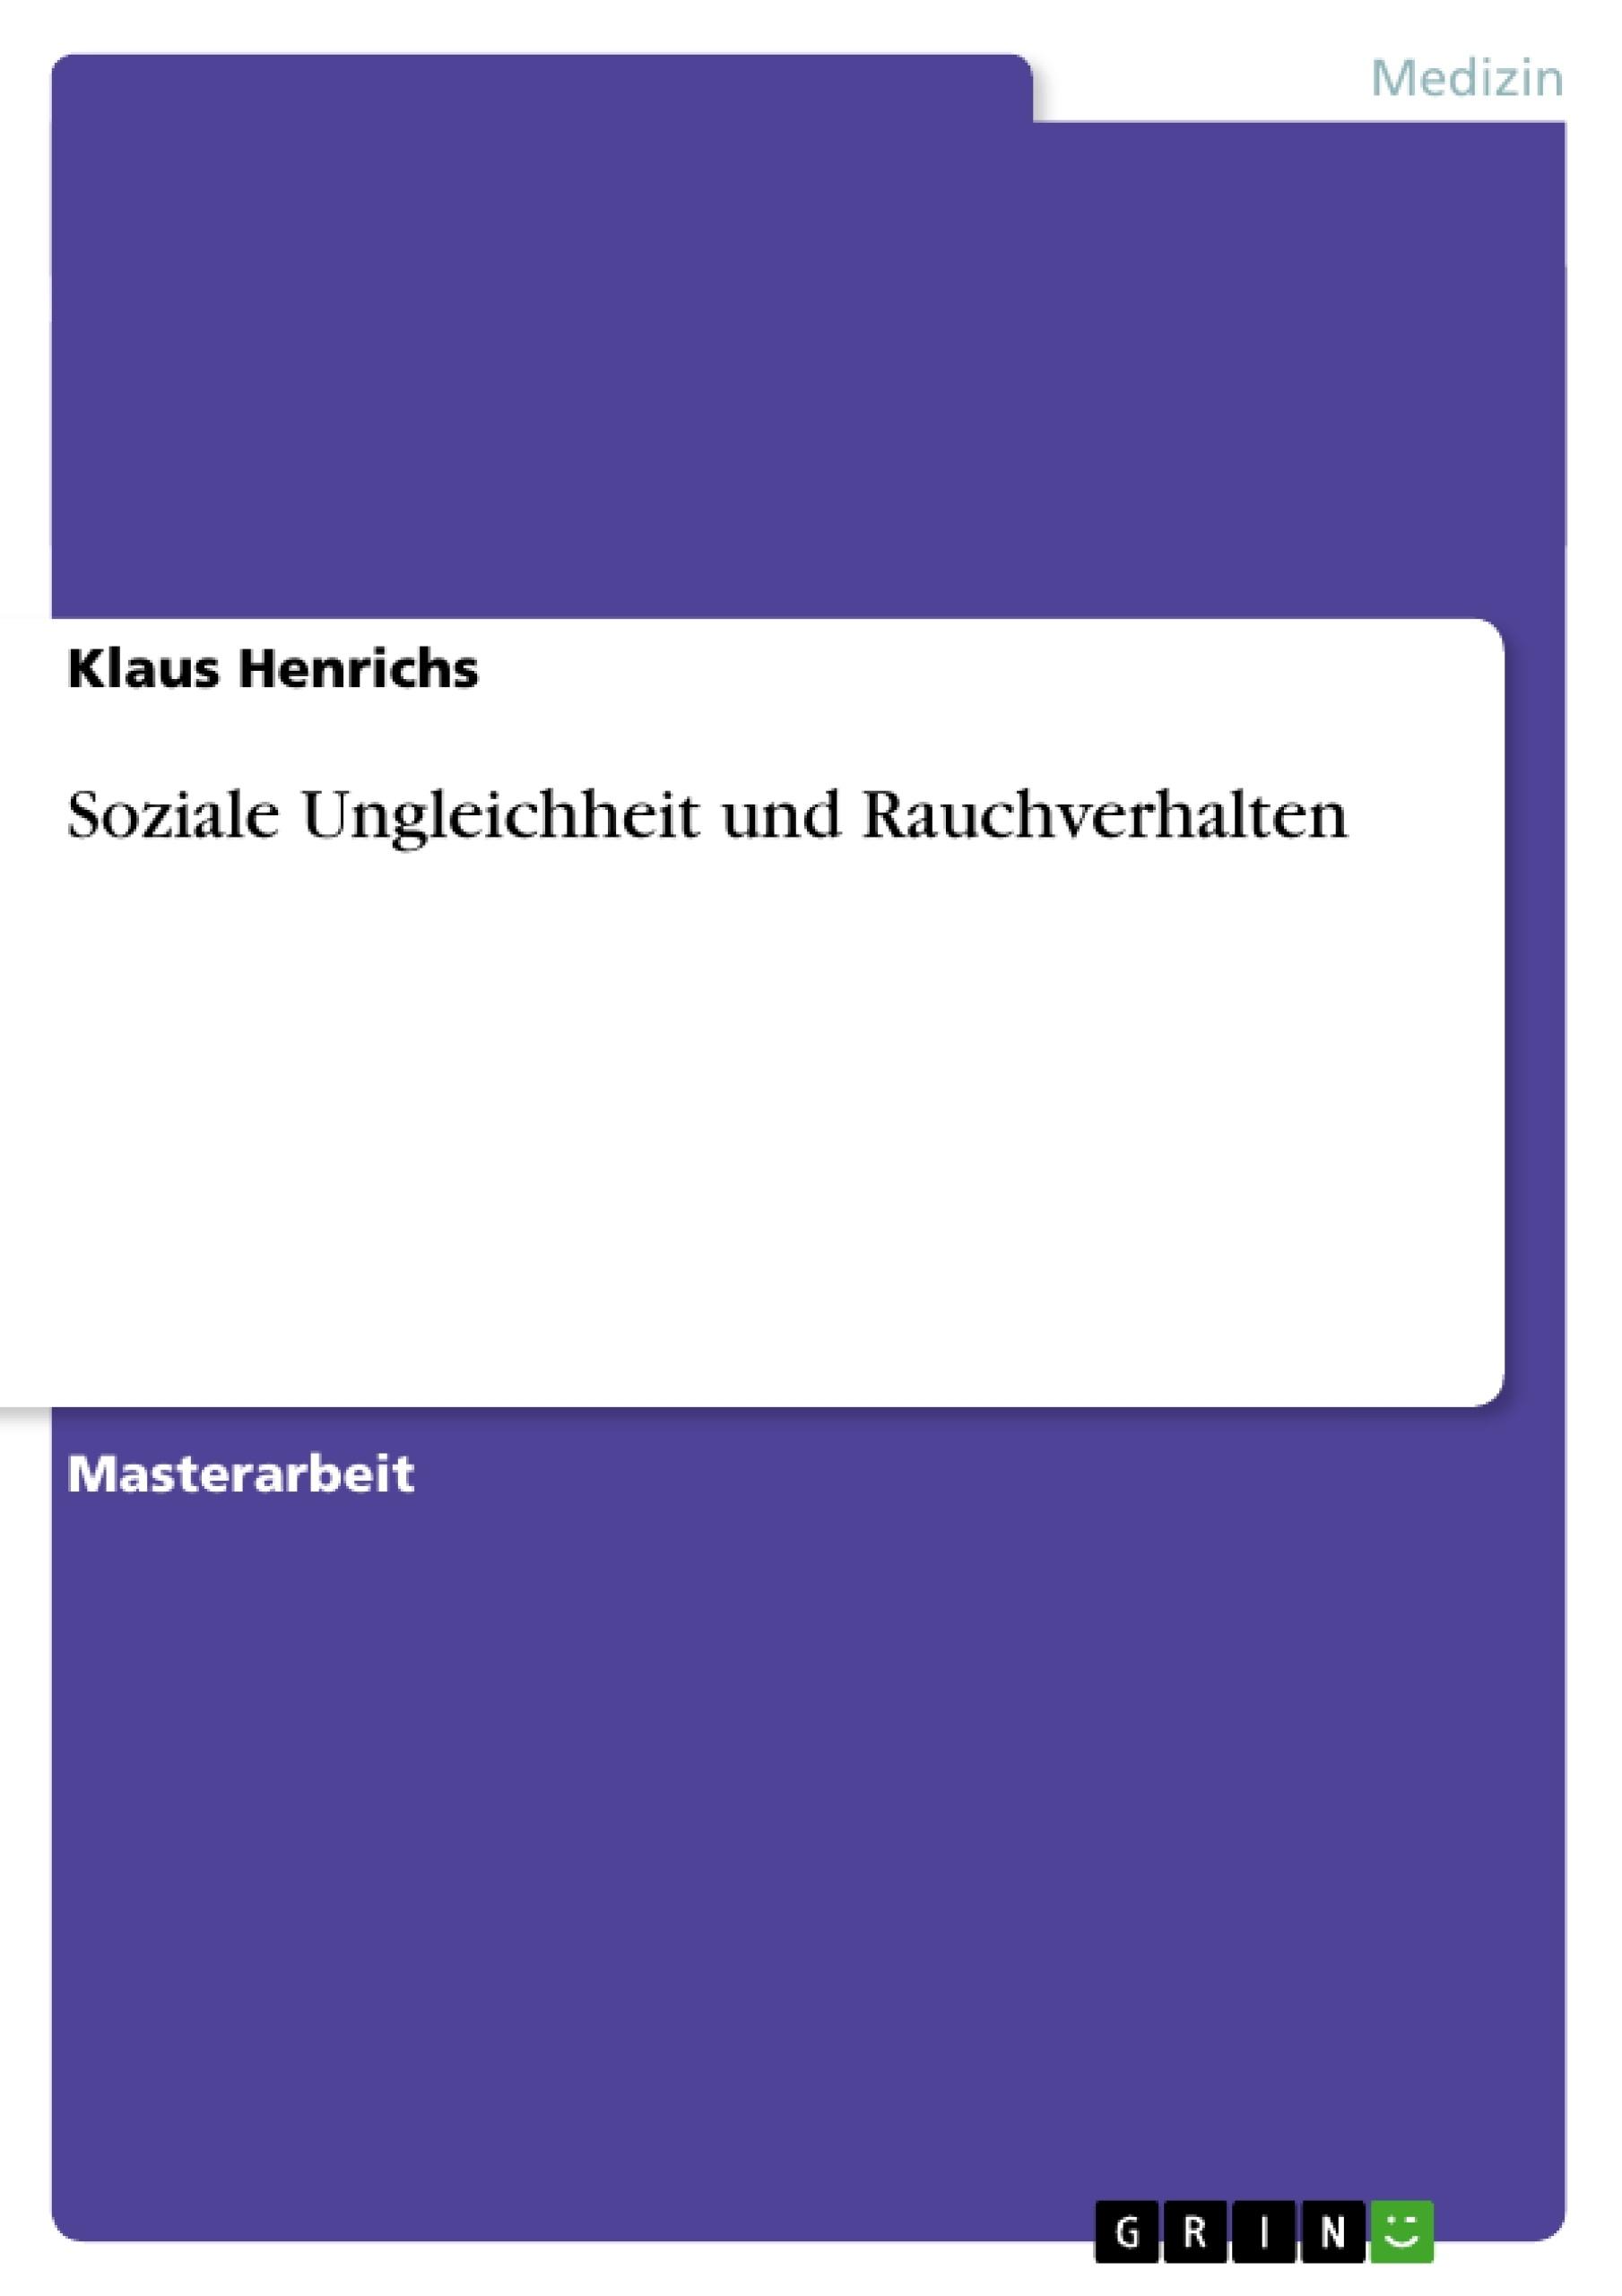 Titel: Soziale Ungleichheit und Rauchverhalten